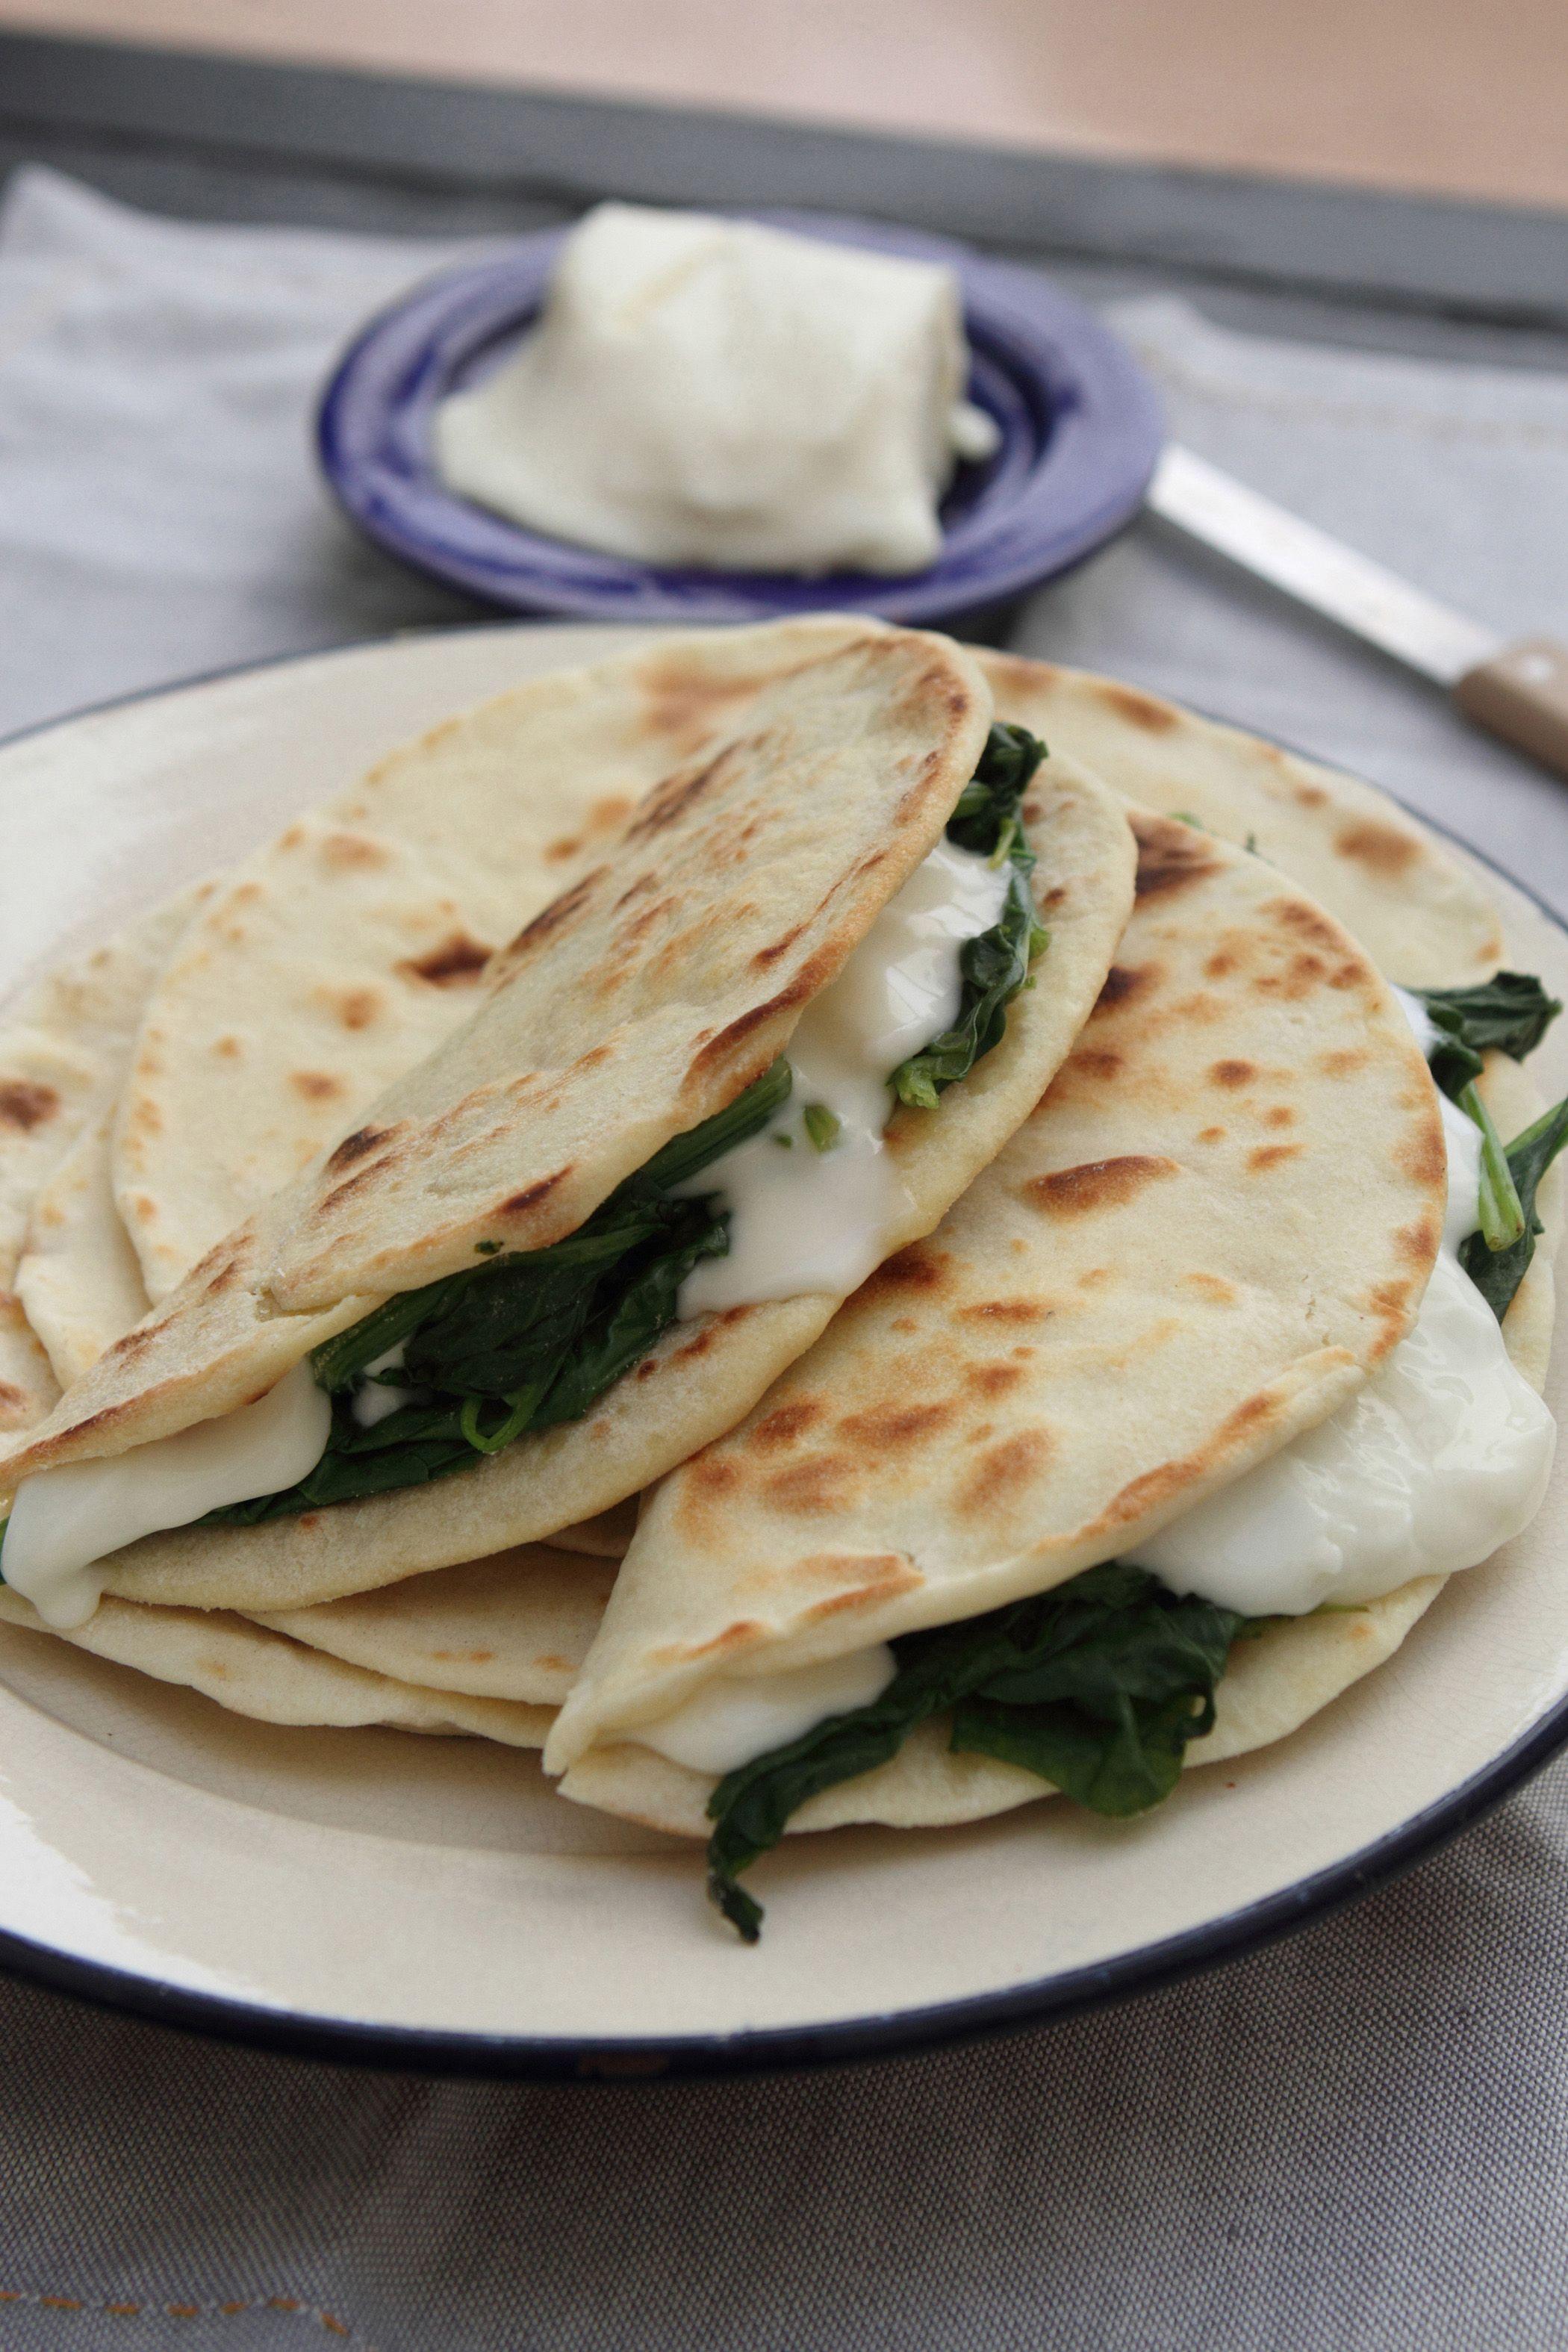 Ricetta Piadina Vegana Senza Lievito.Ricetta Piada Vegetariana Senza Strutto Donnamoderna Ricetta Ricette Pasti Italiani Ricette Di Cucina